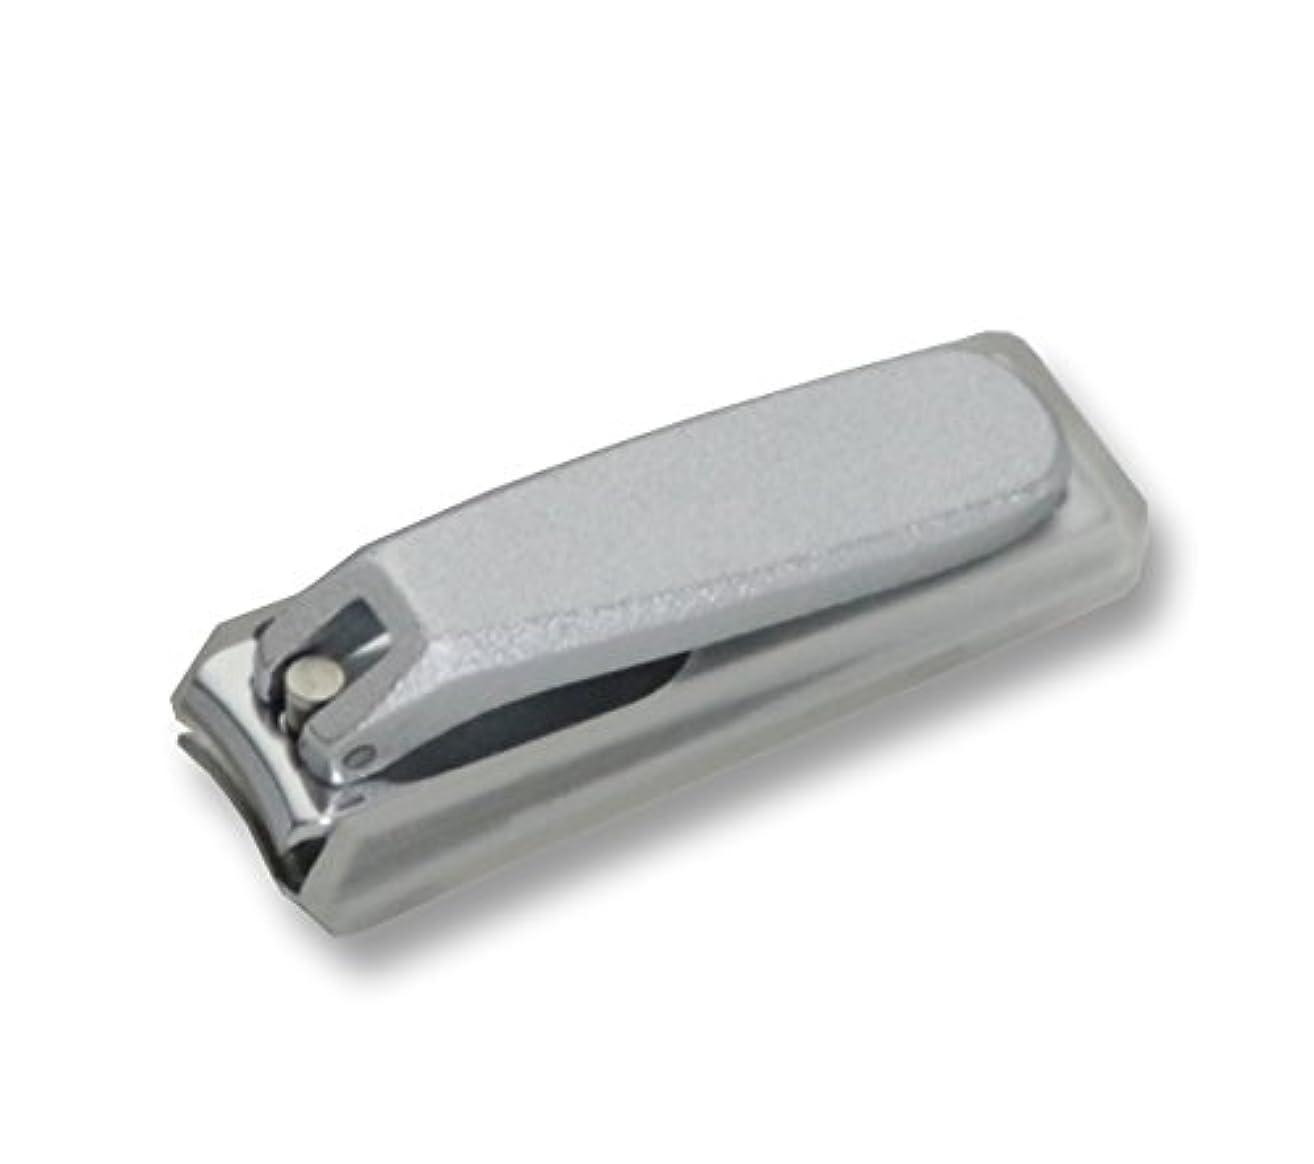 発生イル対処するKD-024 関の刃物 クローム爪切 小 カバー付